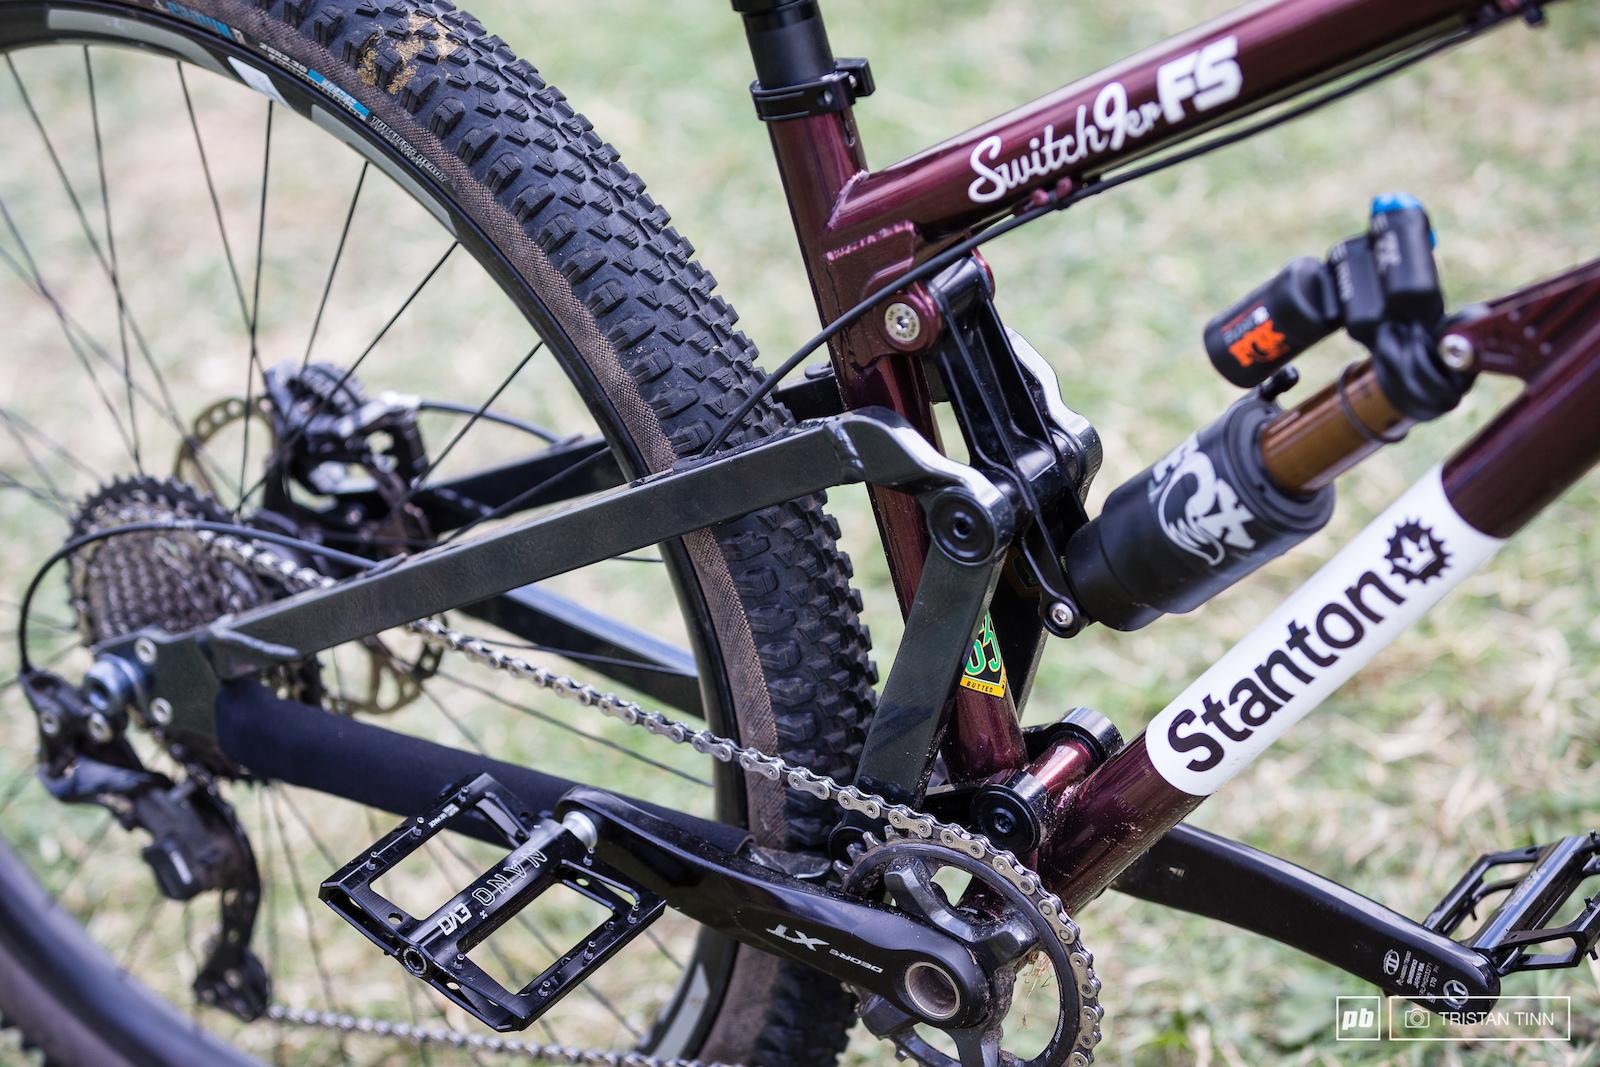 Stanton linkage detail